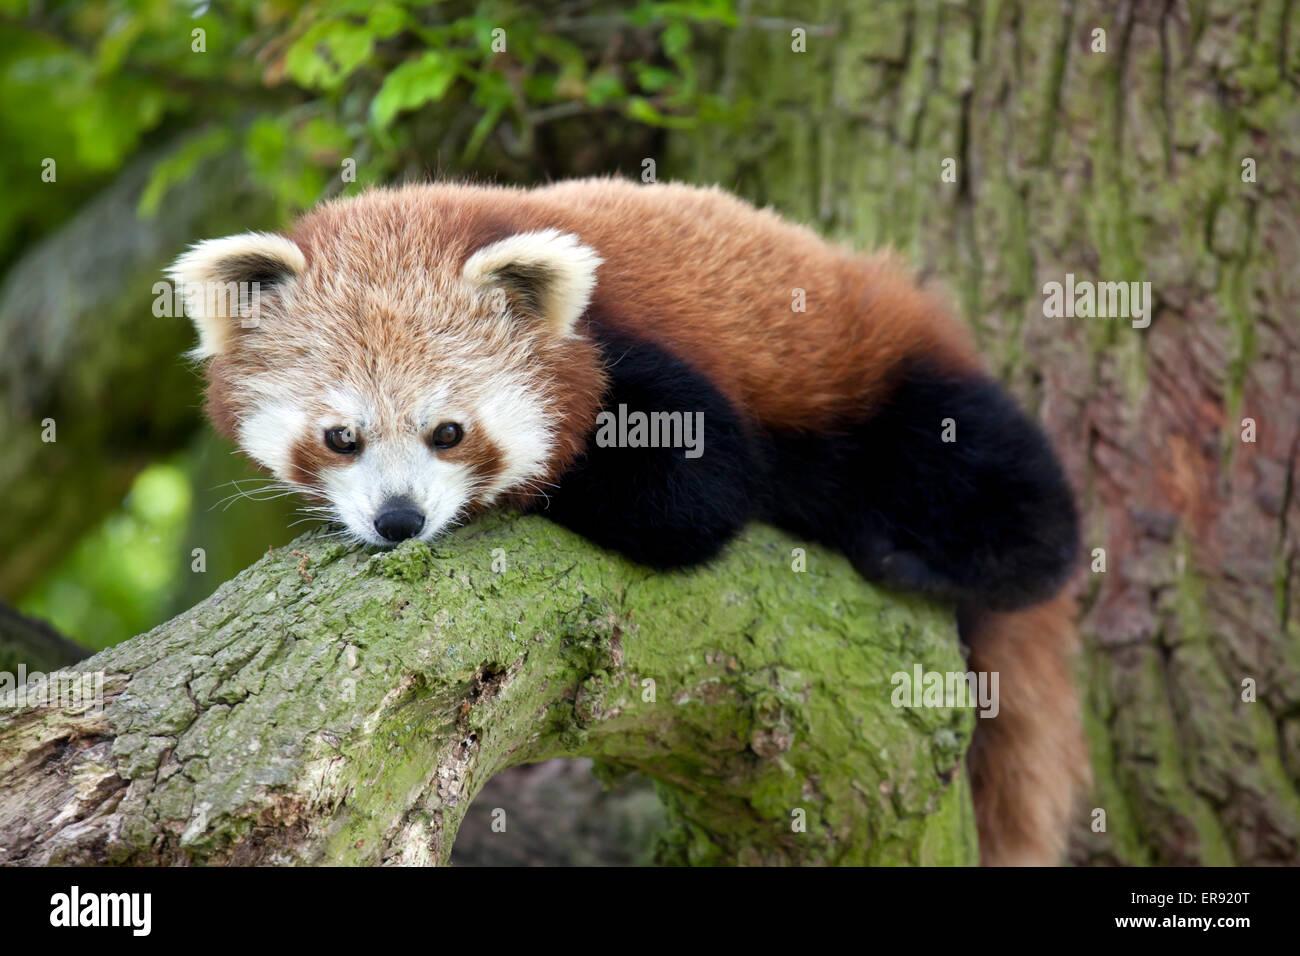 Un panda rojo sentado en una rama de árbol Imagen De Stock